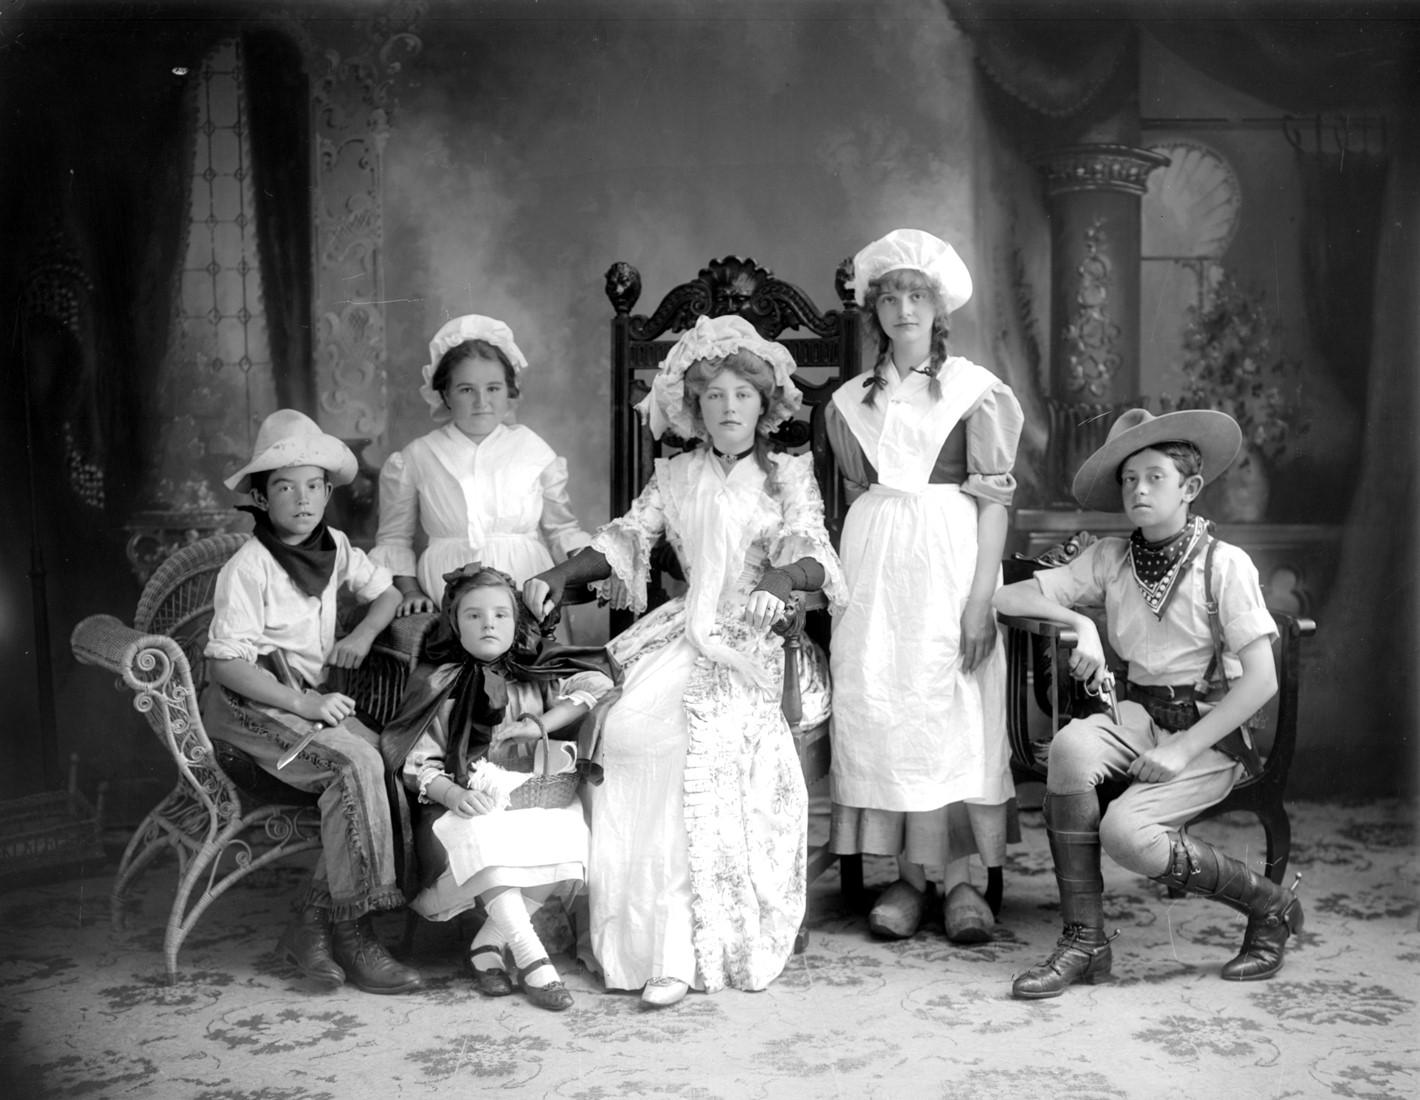 Six enfants déguisés posent fièrement dans un studio de photographie.